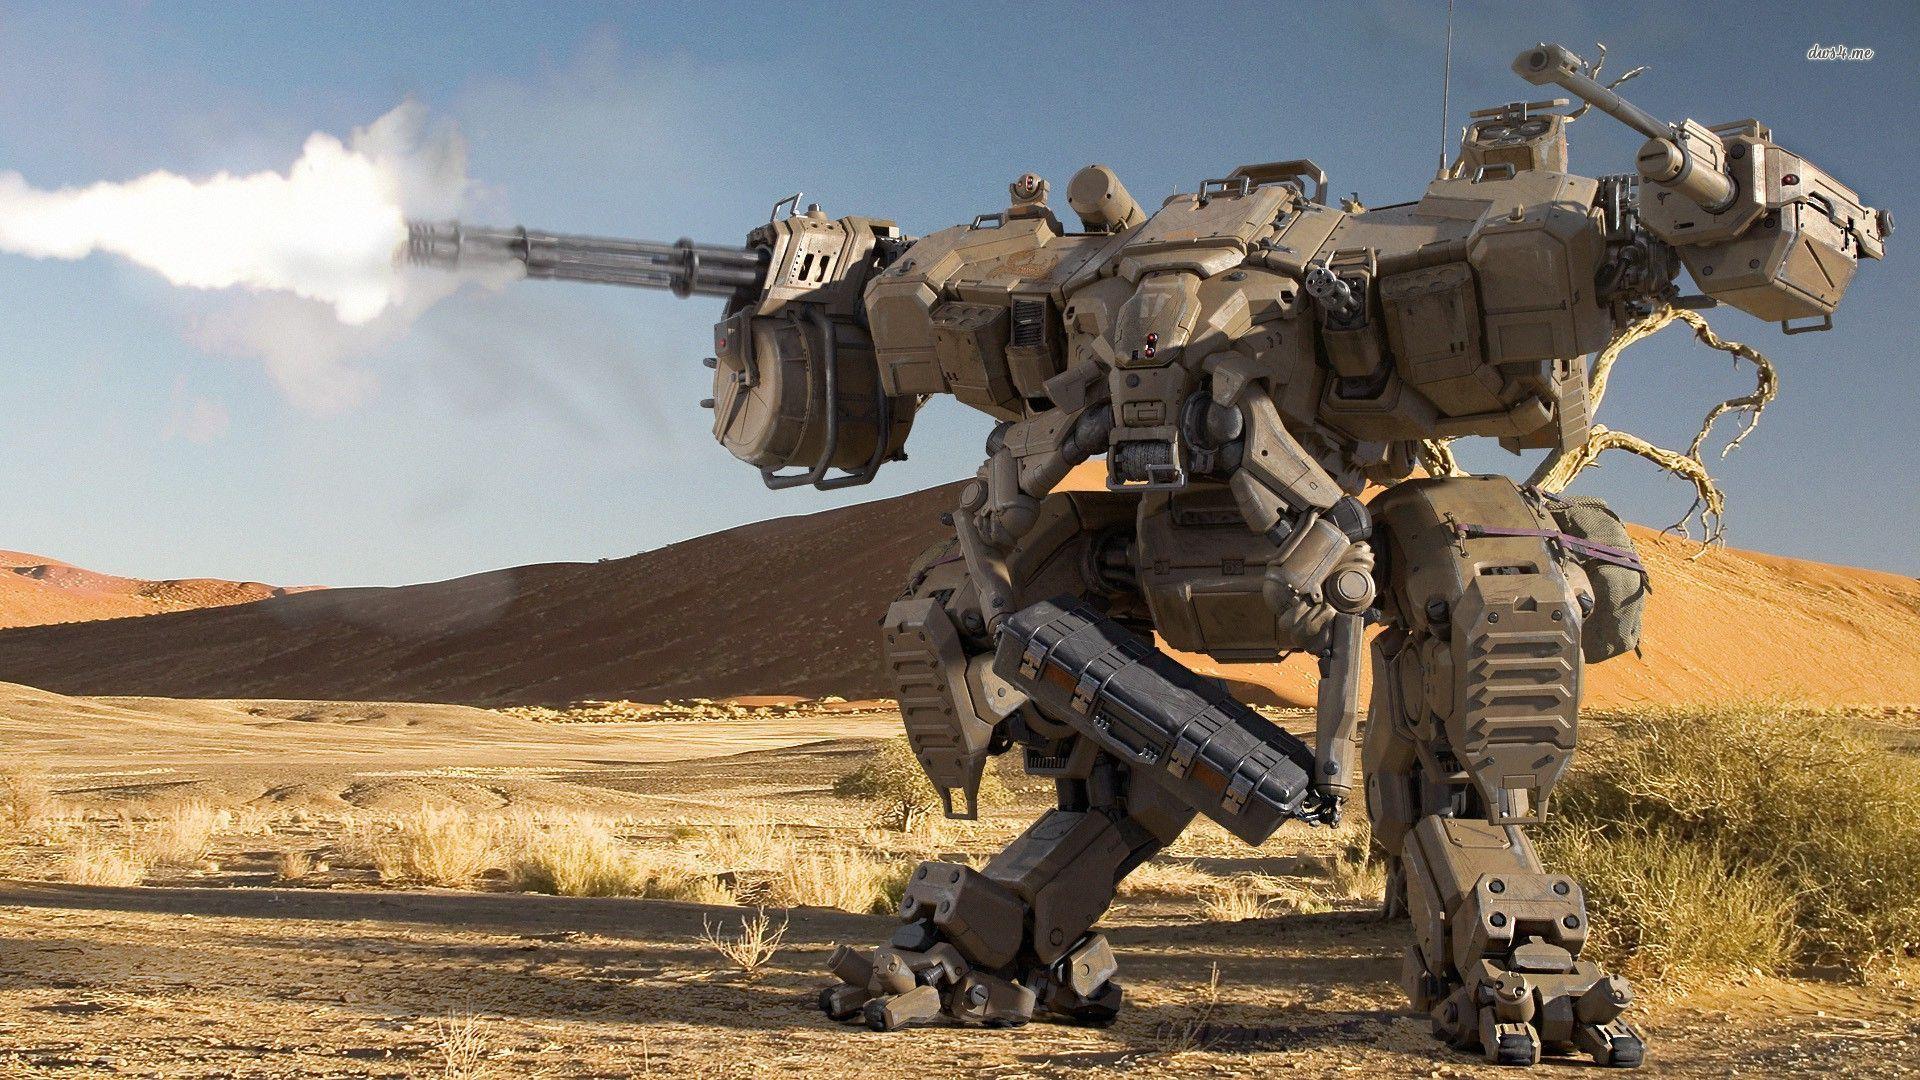 MechWarrior   BattleTech wallpaper 1280x800 MechWarrior   BattleTech 1920x1080